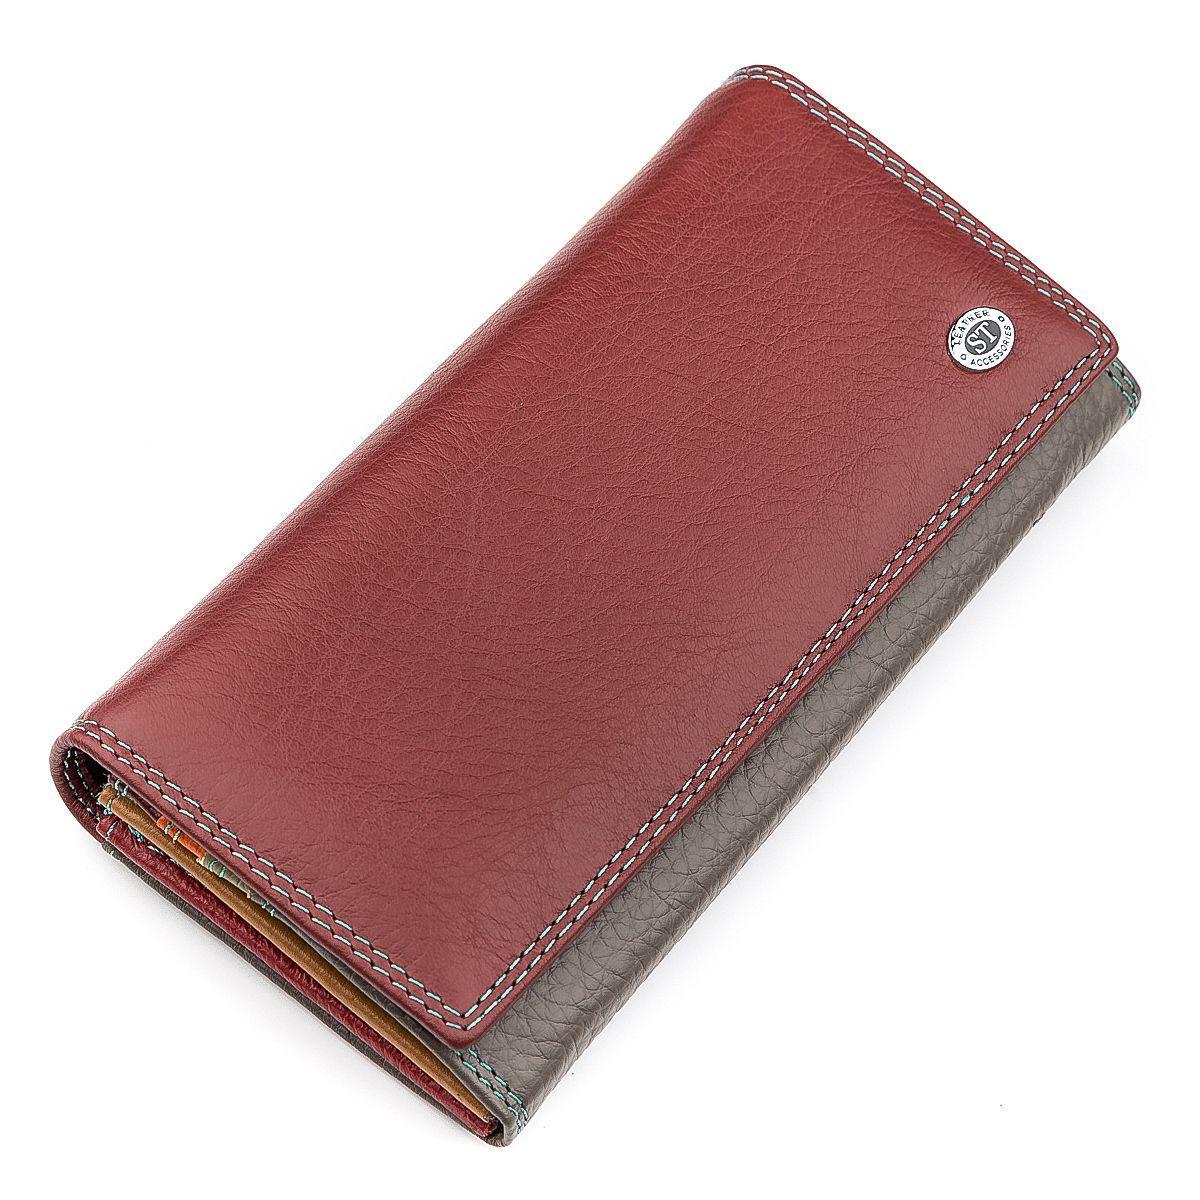 Кошелек женский ST Leather 18363 (SB634) кожа Бордовый, Бордовый